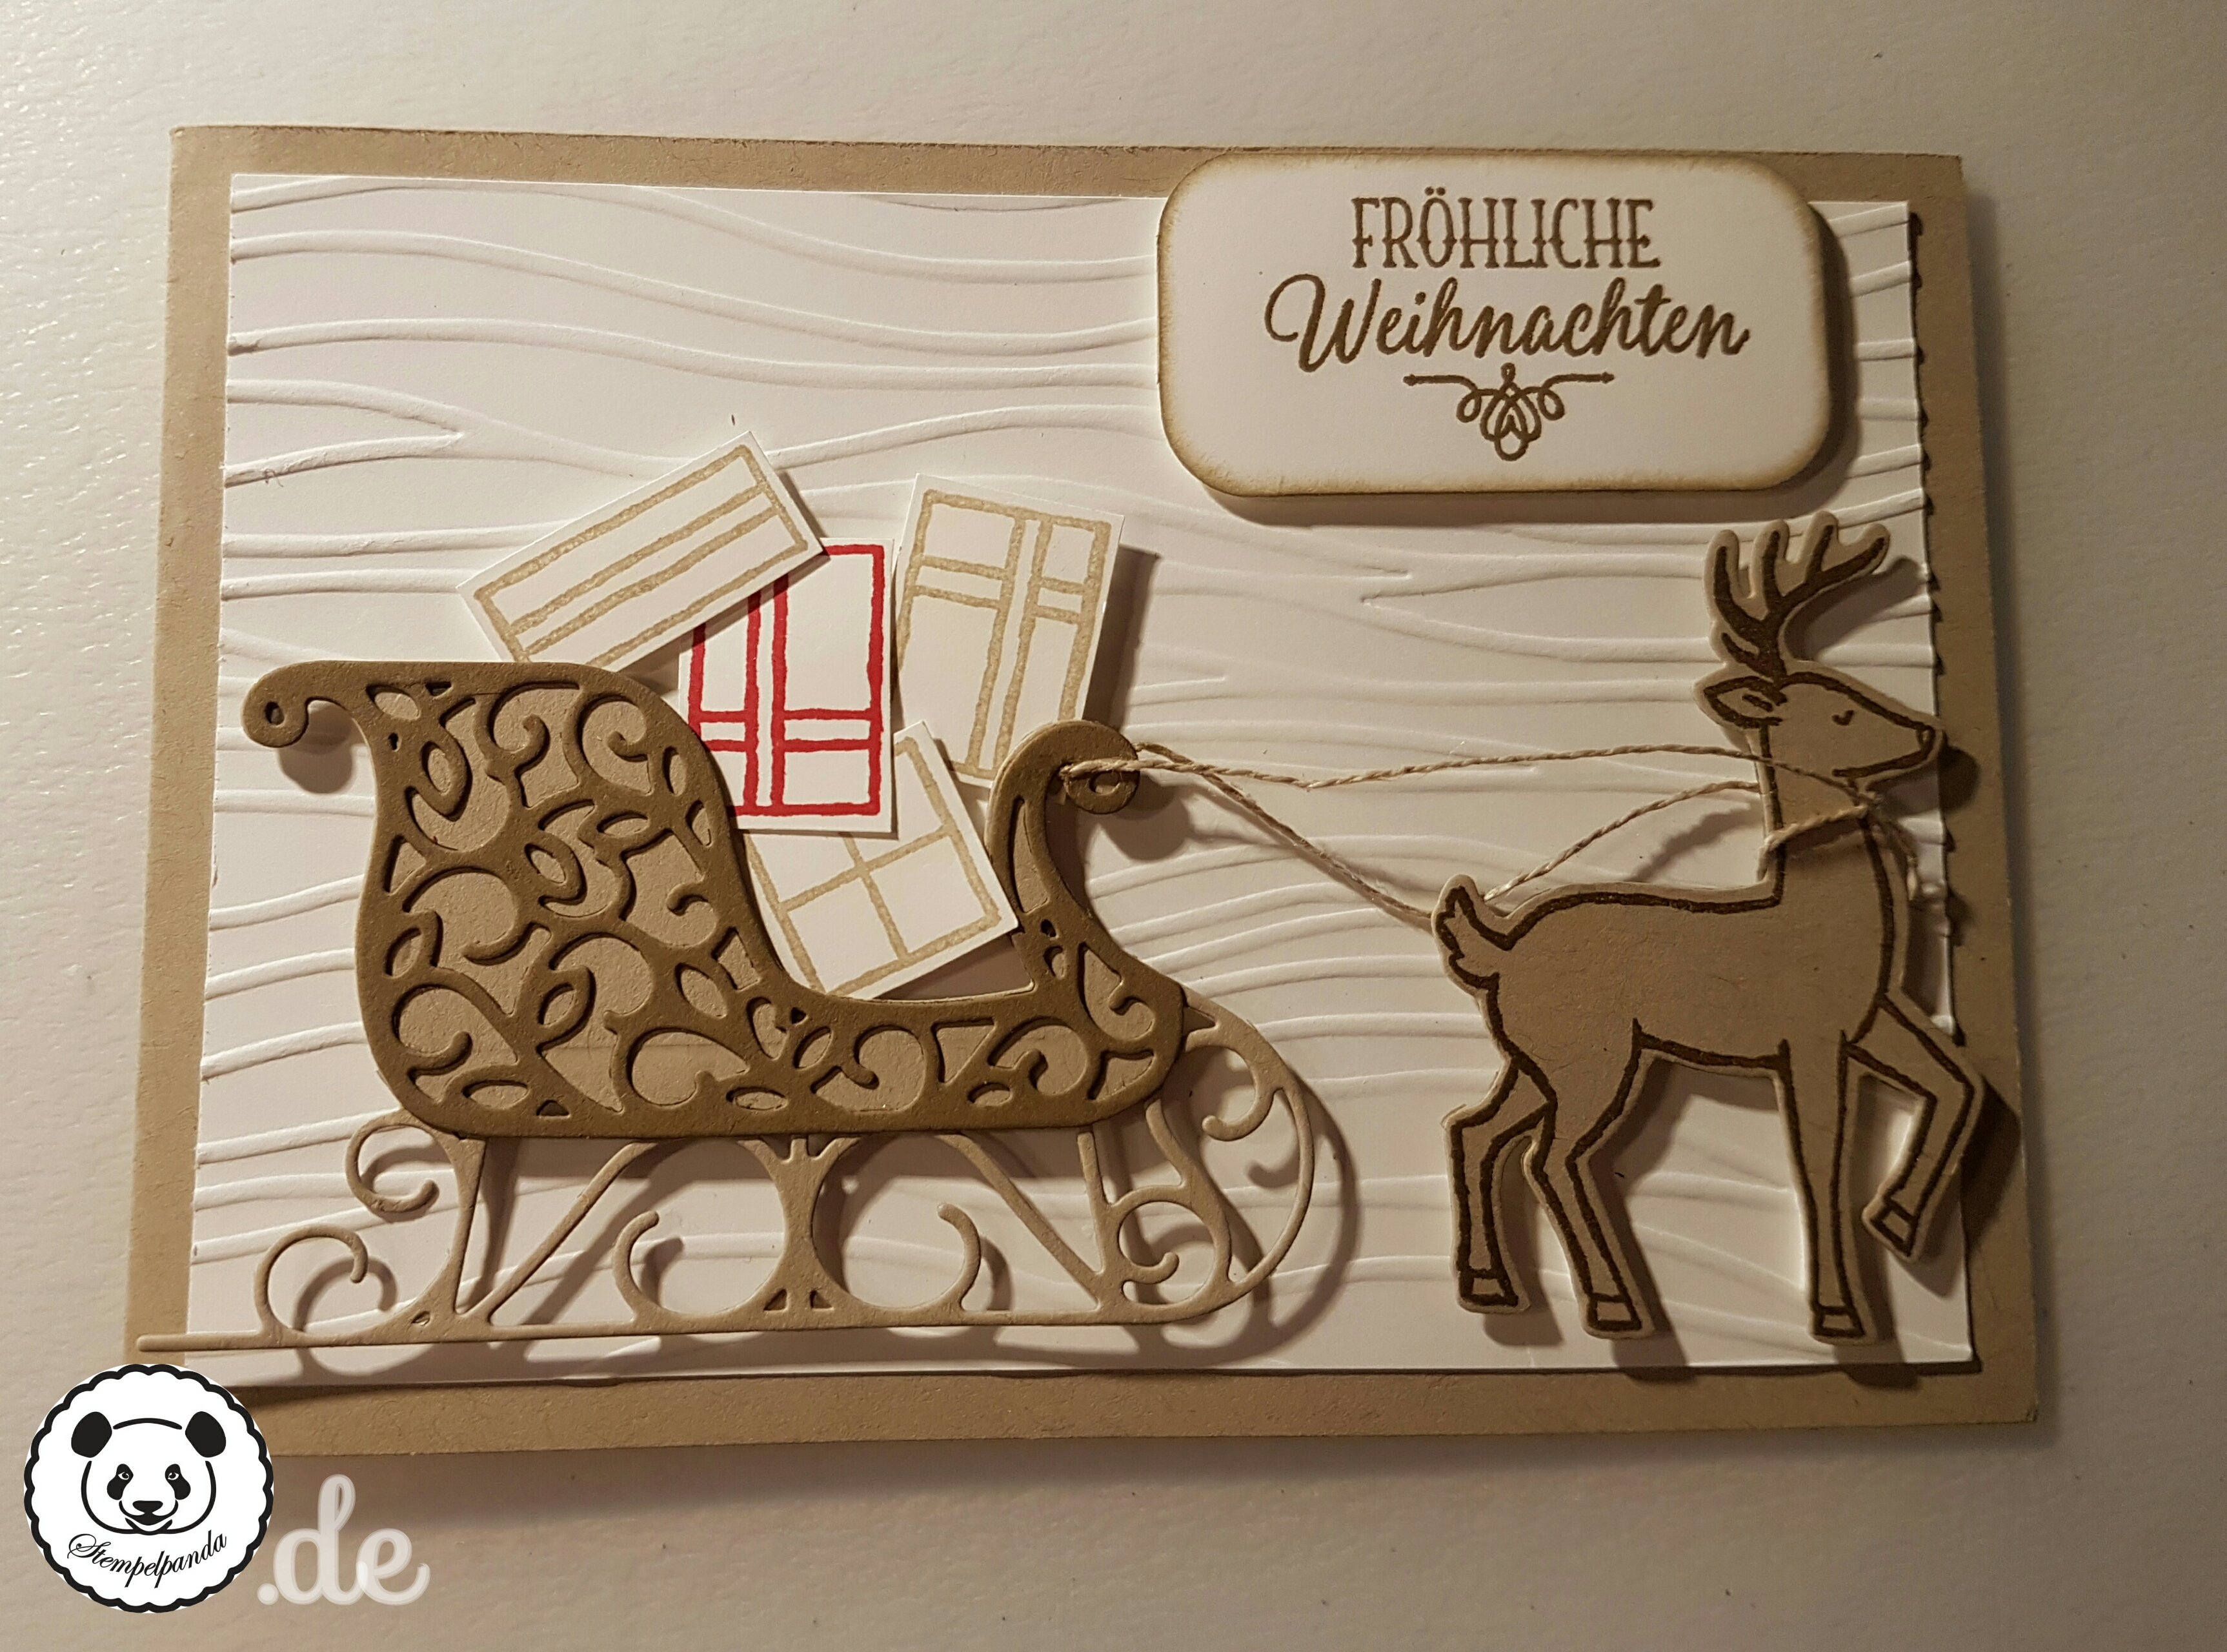 Stampin up, SU, Stempelpanda, Weihnachten, Weihnachtsschlitten, Santa's Sleigh, Prägeform Wellen